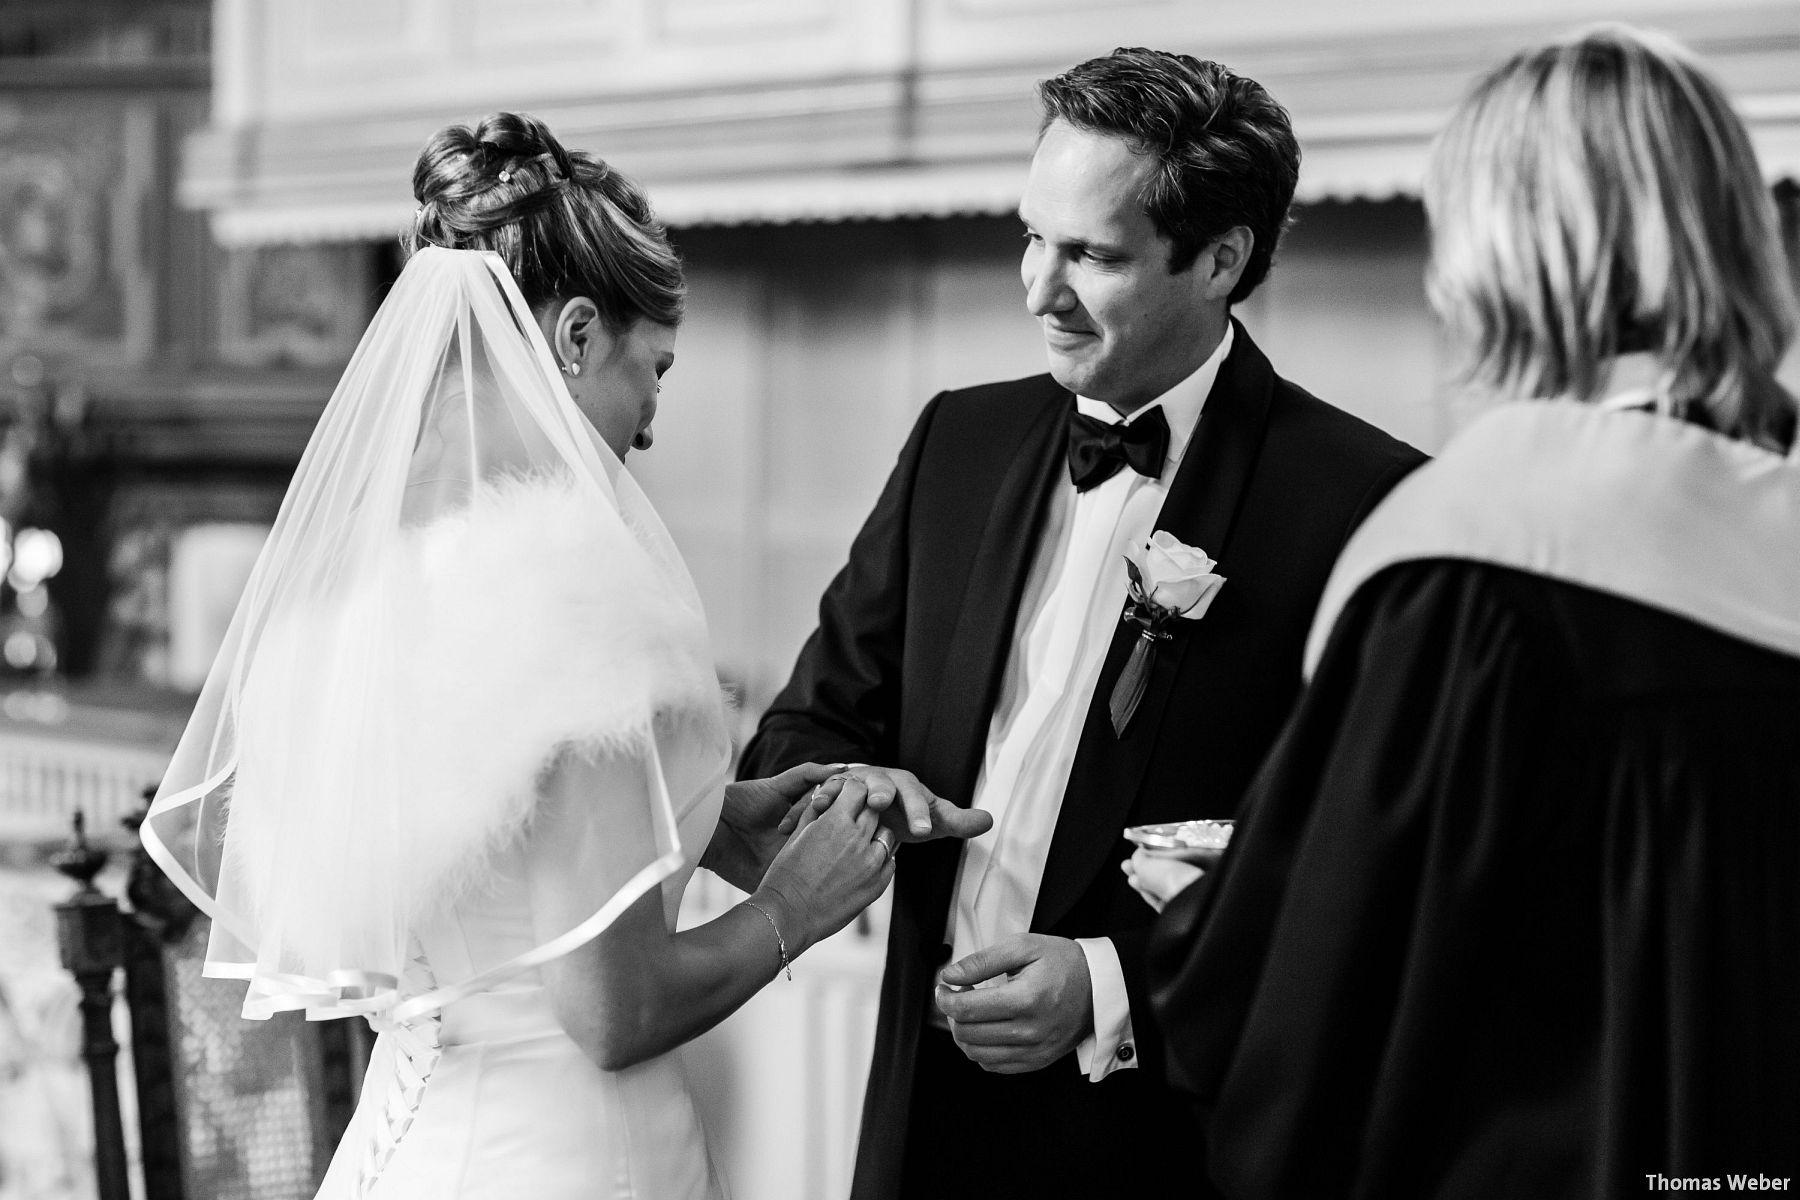 Hochzeitsfotograf Rastede: Kirchliche Trauung in der St. Ulrichs Kirche Rastede und Hochzeitsfeier in der Eventscheune St Georg Rastede mit dem Catering von Michael Niebuhr aus Oldenburg (27)